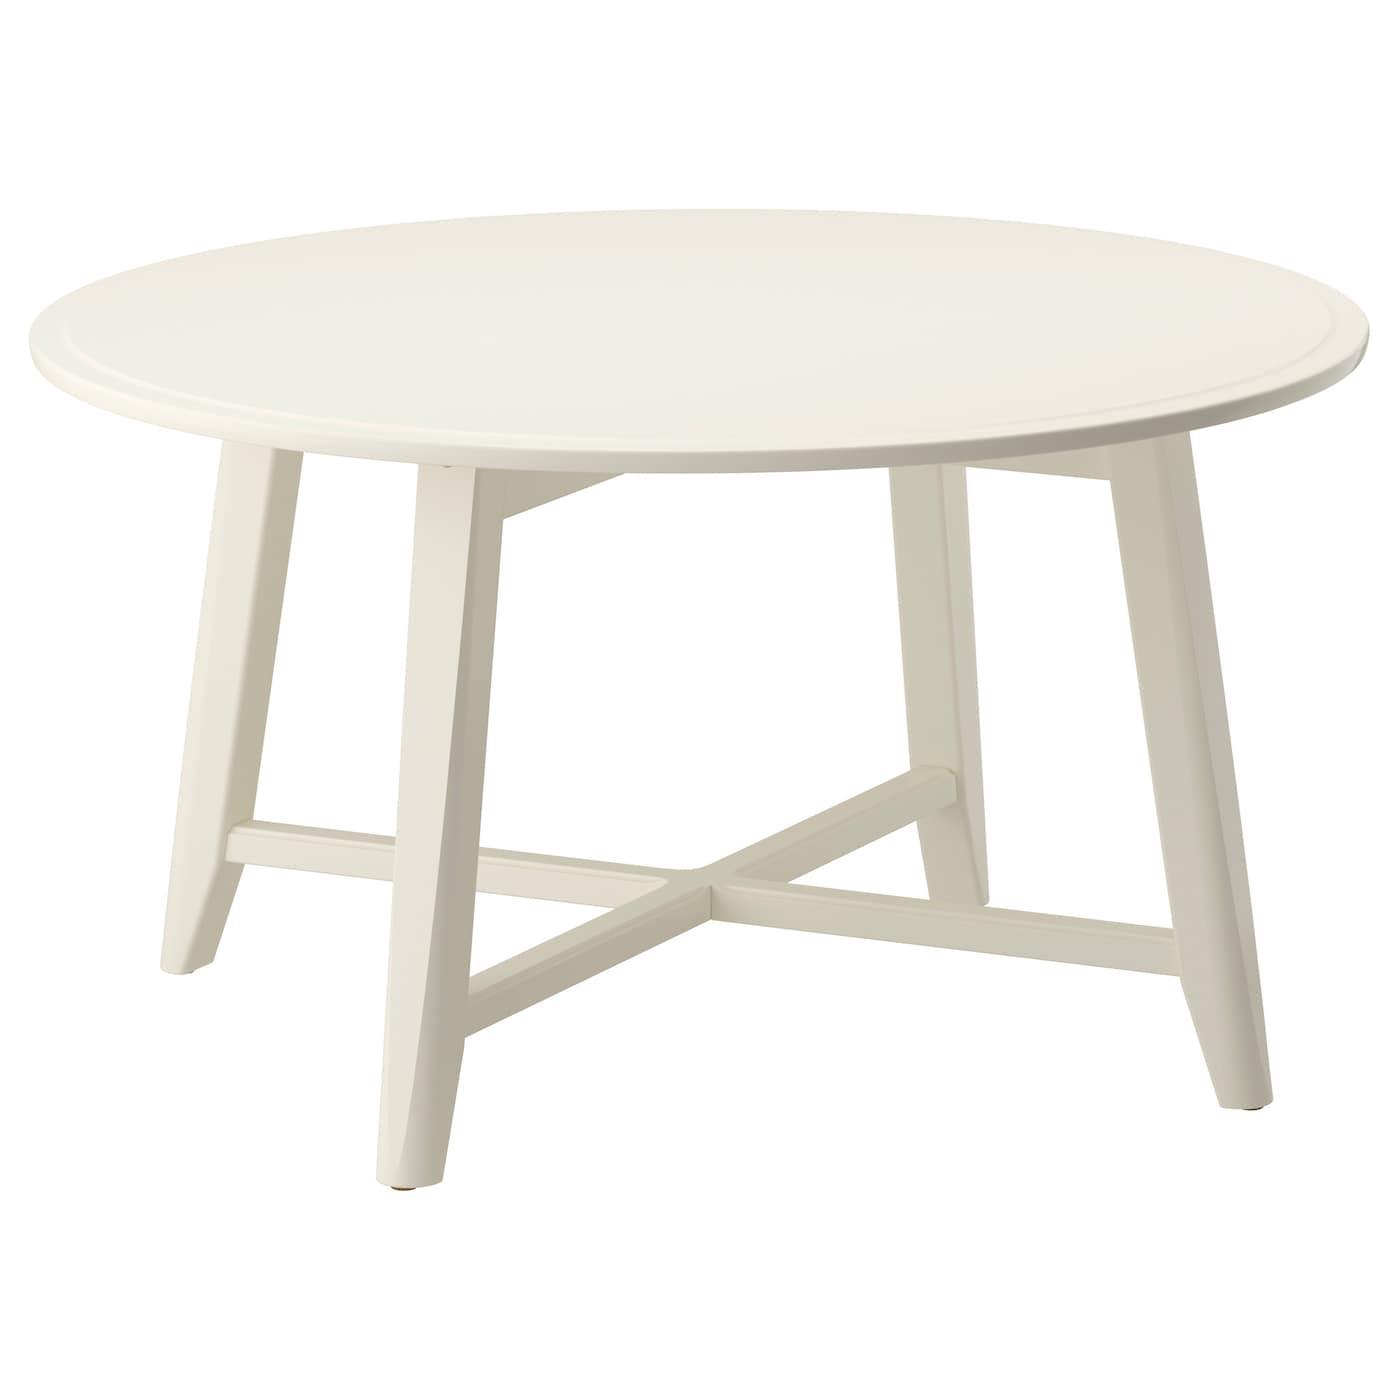 Ronde Witte Salontafeltjes.Salontafels Design Goedkoop Modern Landelijk Wit Hout Glas